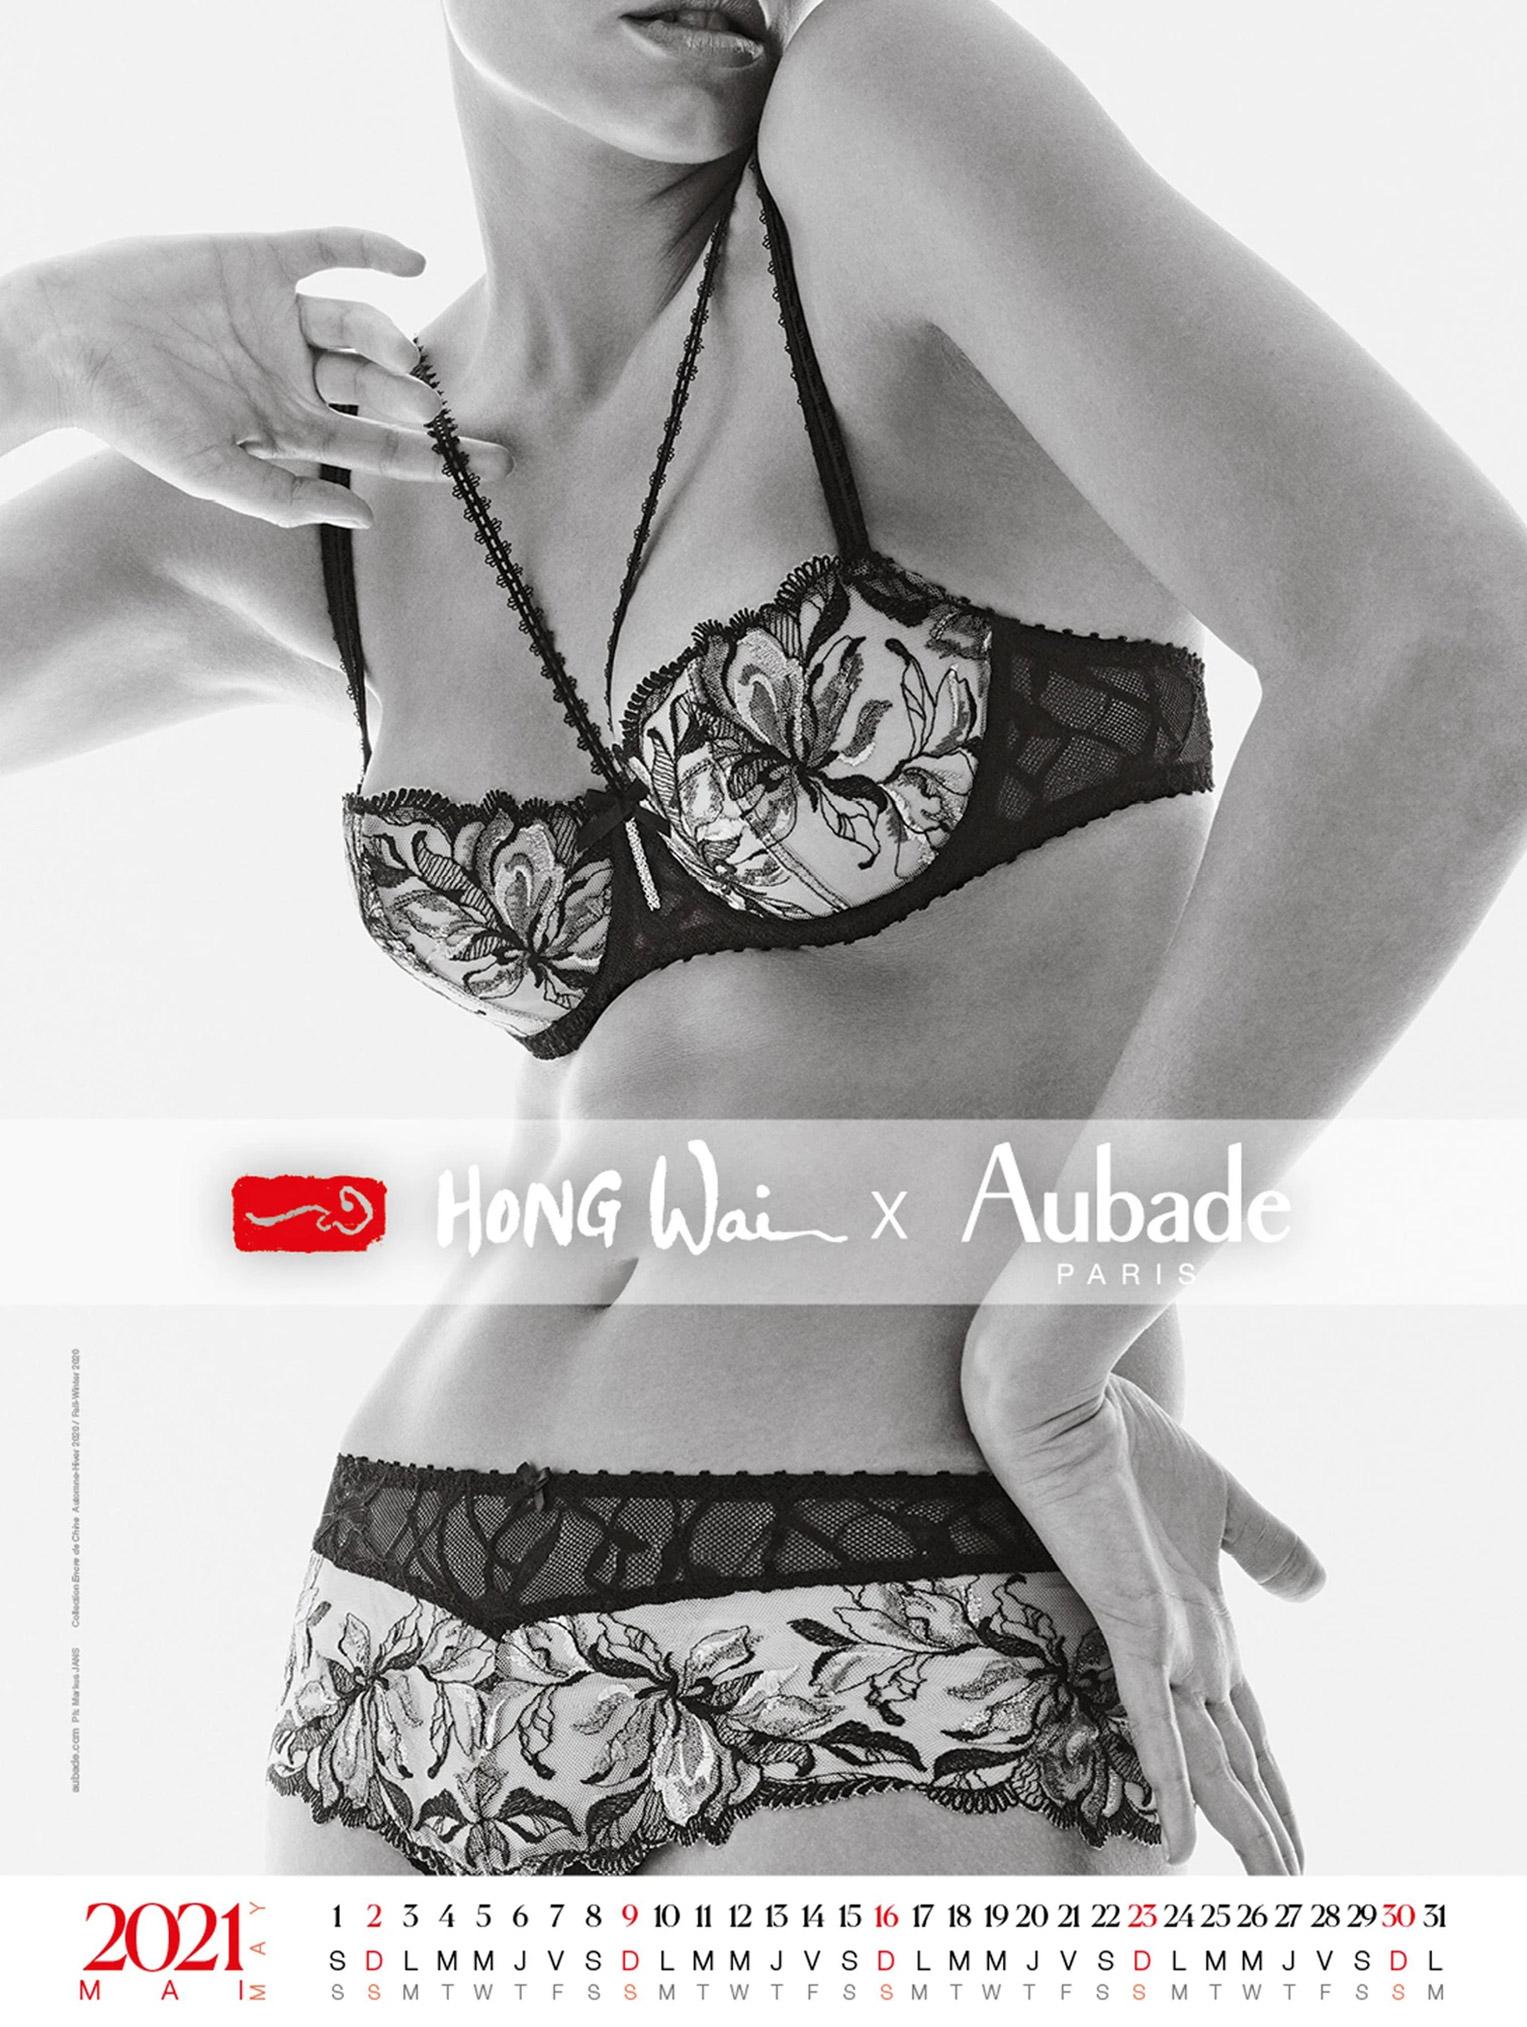 календарь французского производителя нижнего белья Aubade на 2021 год / май